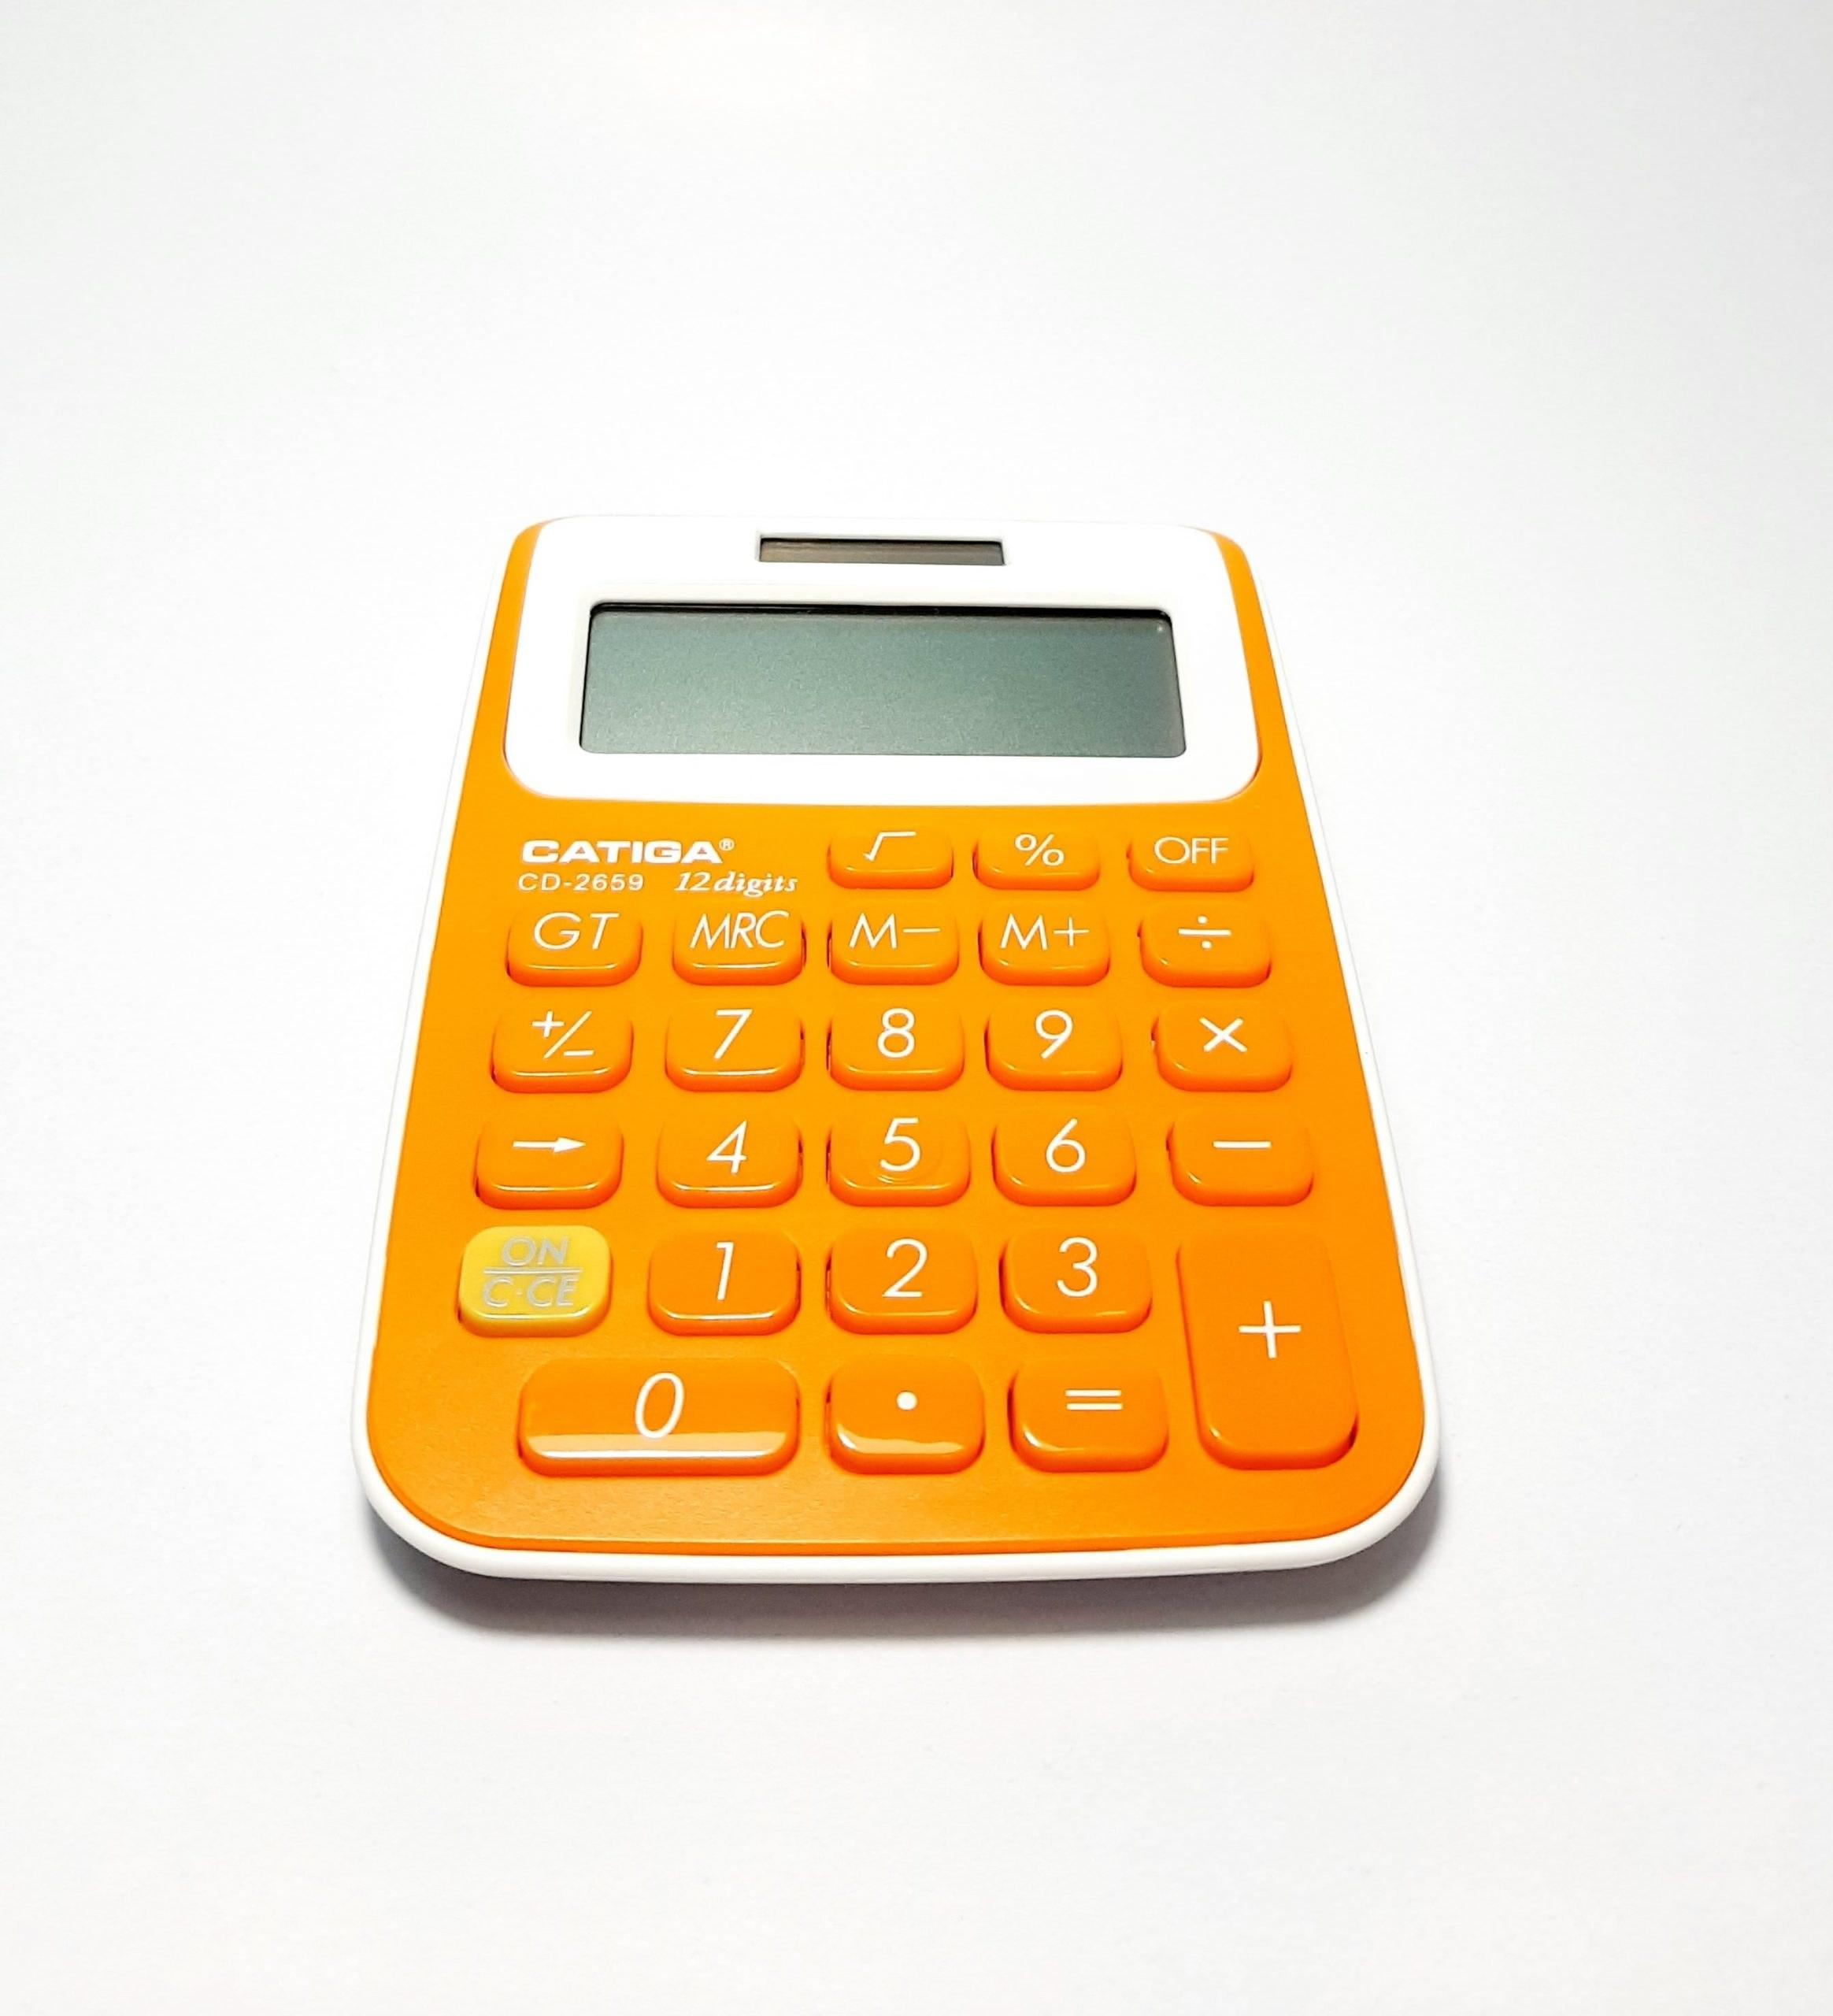 تصویر ماشین حساب کاتیگا مدل 2659